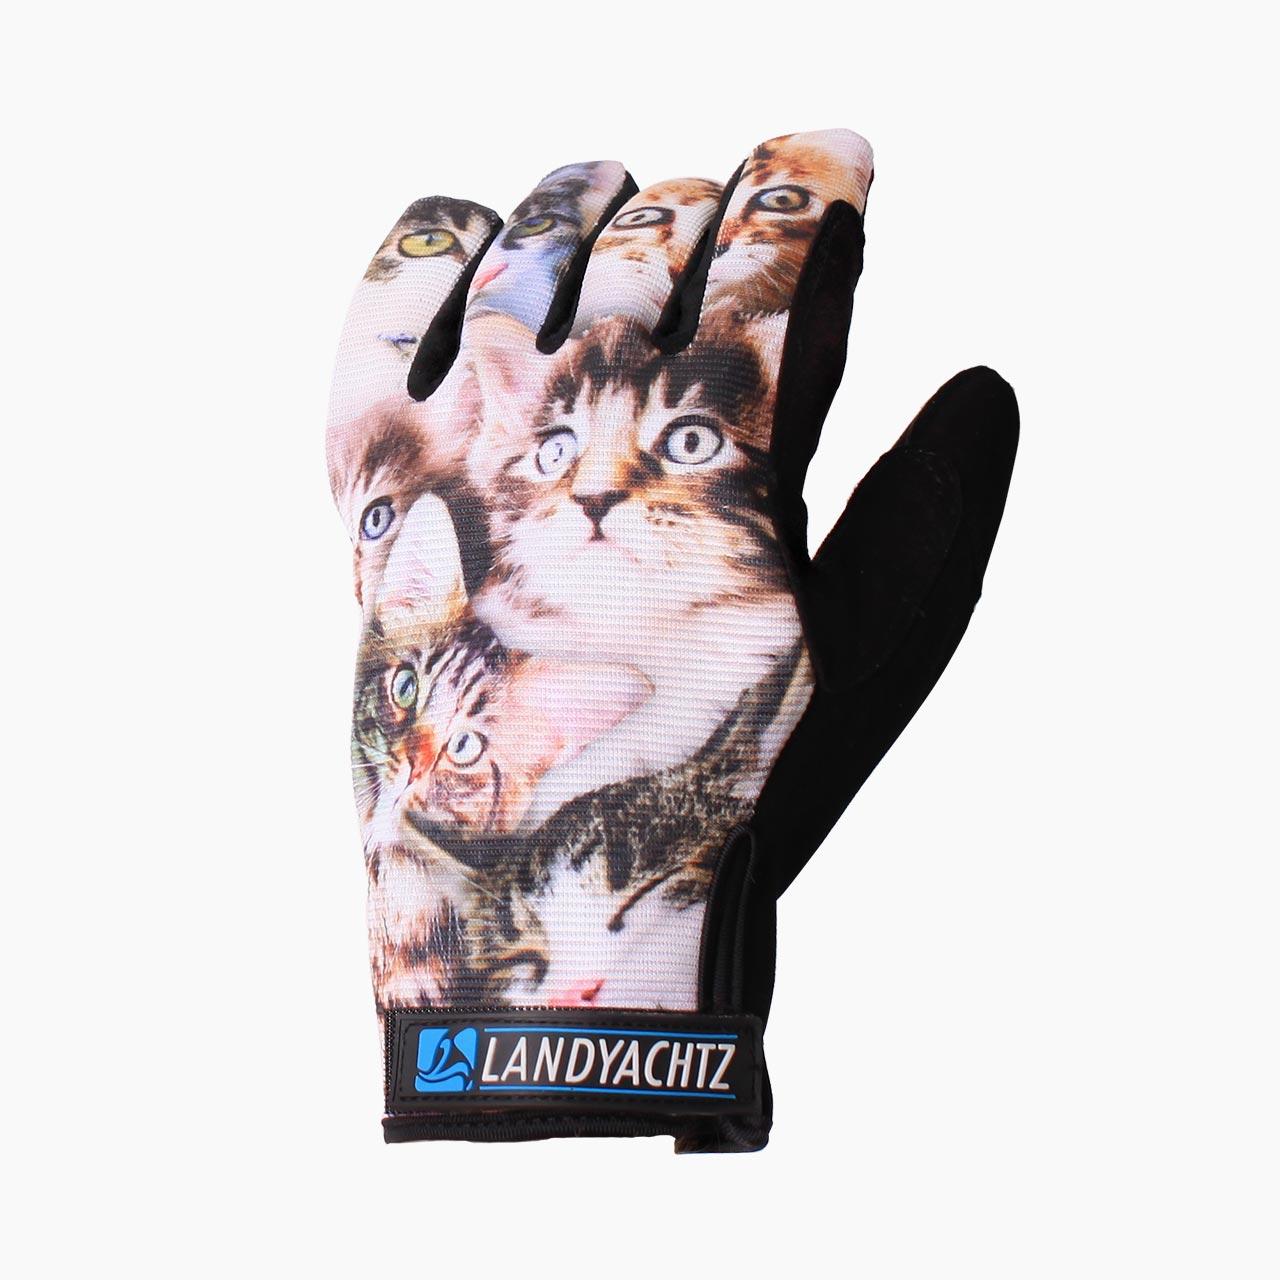 Landyachtz rukavice na longboard Cats slide gloves S